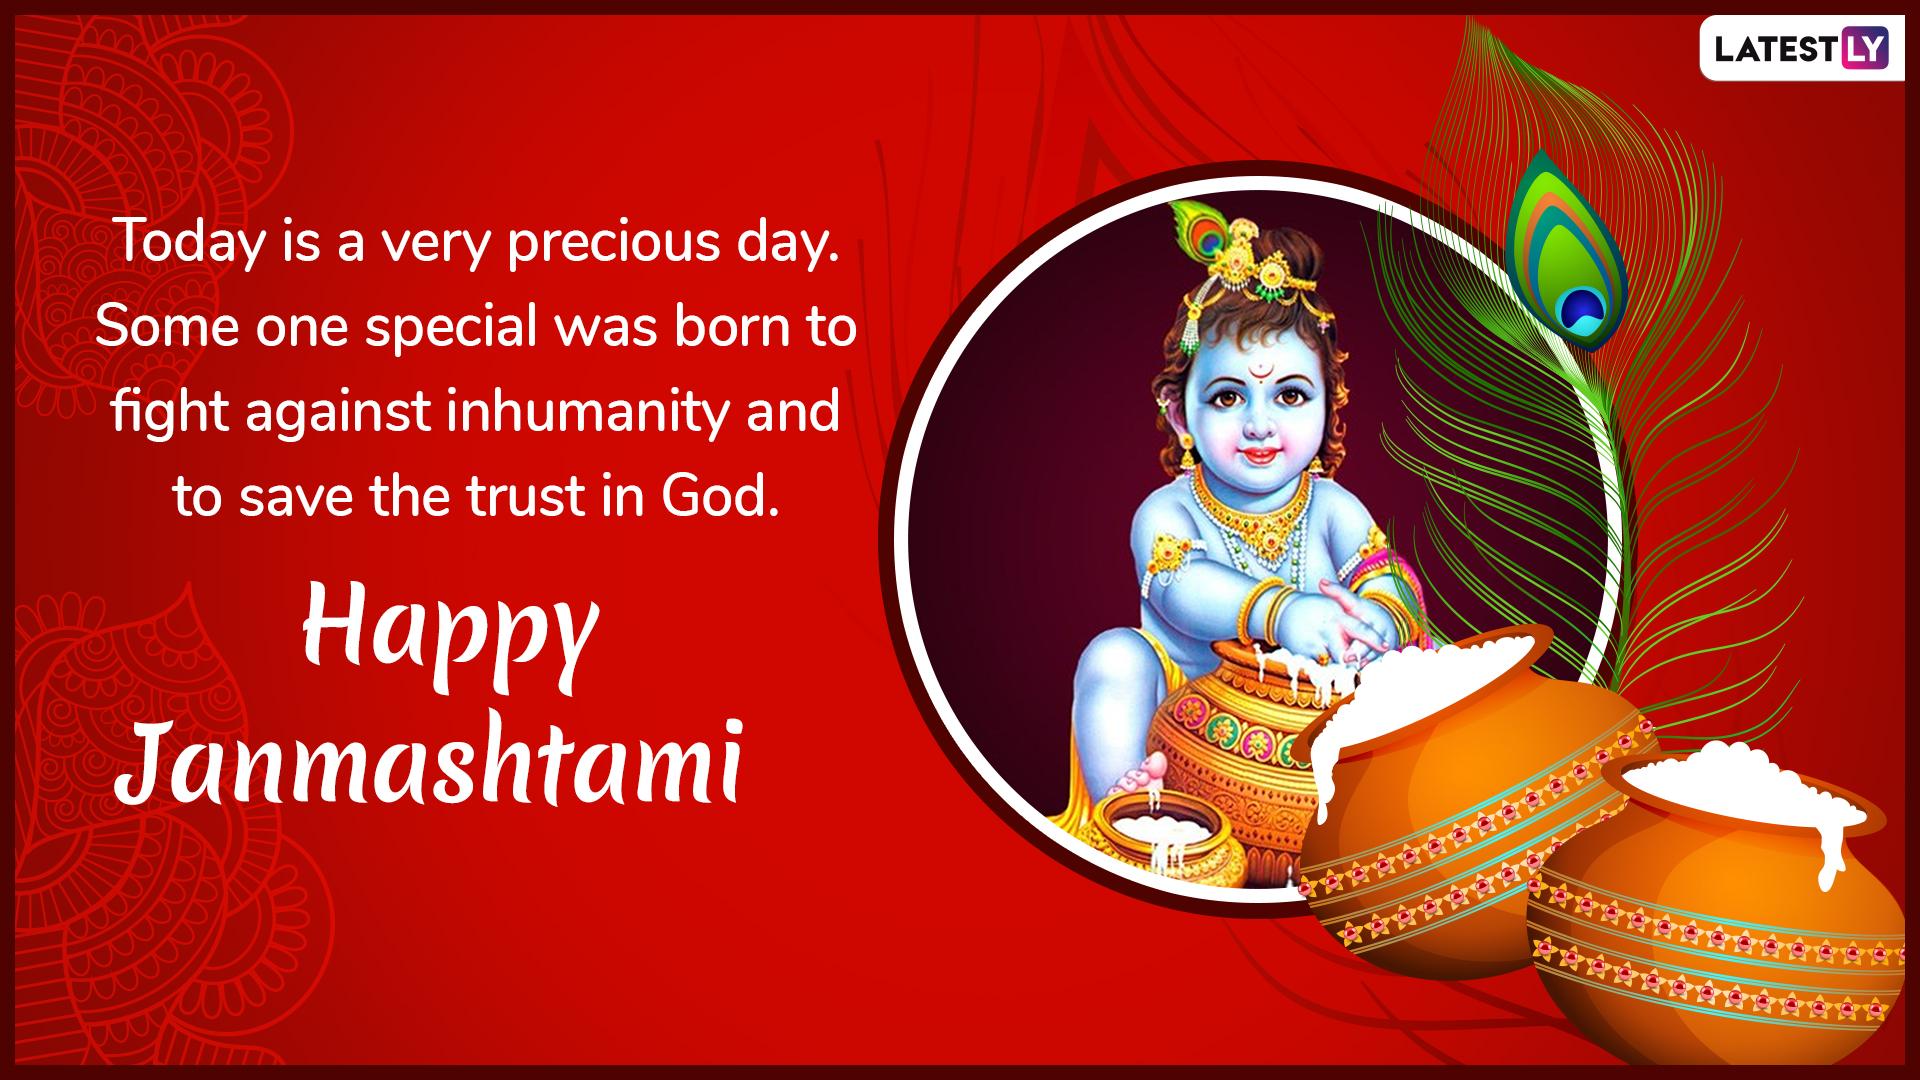 Happy Krishna Janmashtami 2019 Greetings Wishes Whatsapp